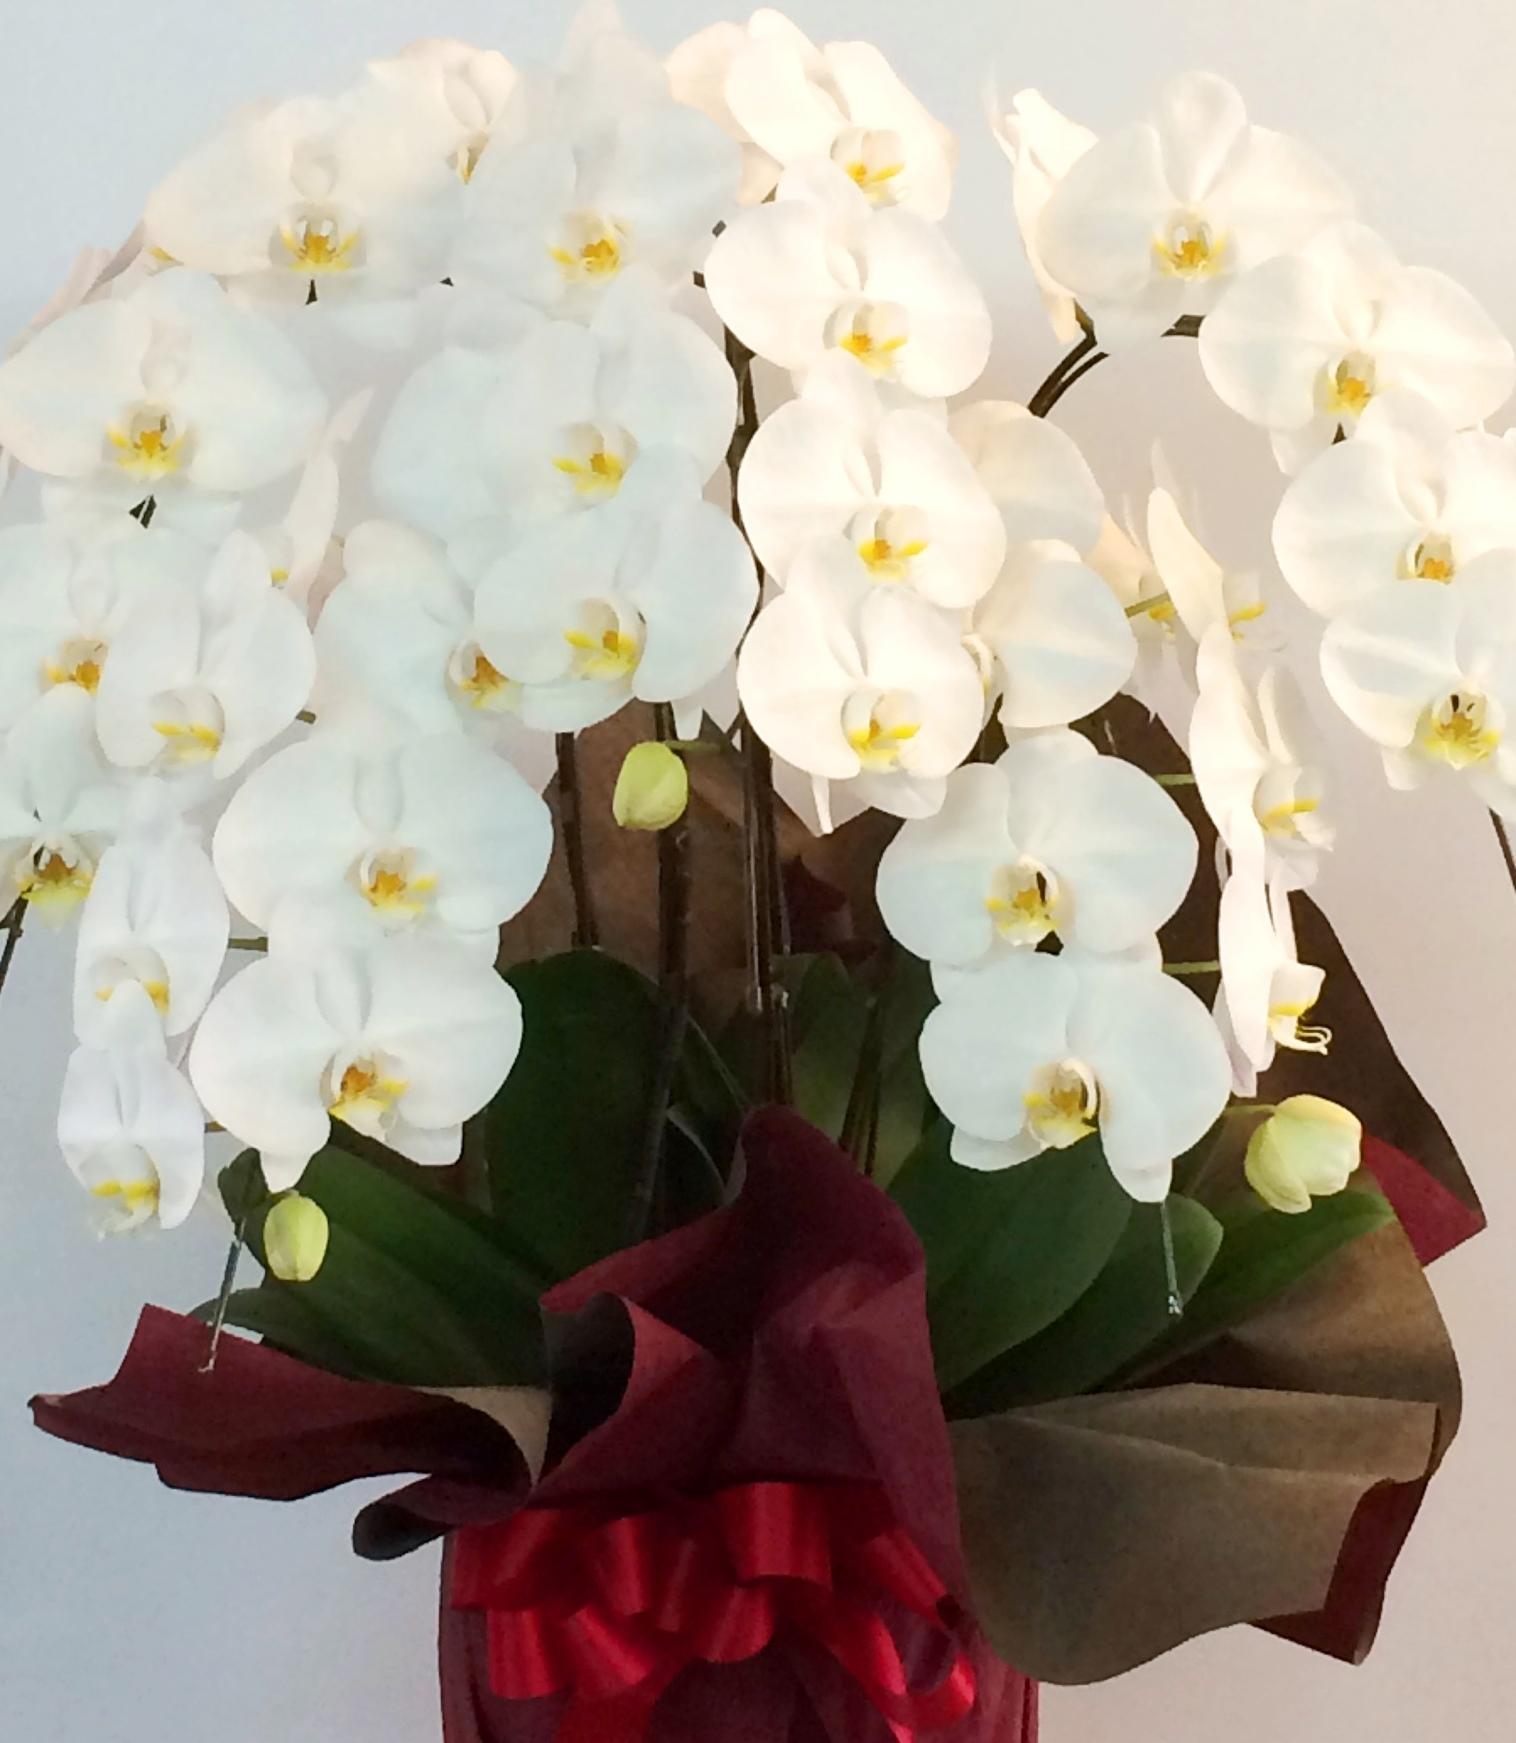 横浜市関内ホールへ胡蝶蘭を即日当日配達しました!【横浜花屋の花束・スタンド花・胡蝶蘭・バルーン・アレンジメント配達事例268】